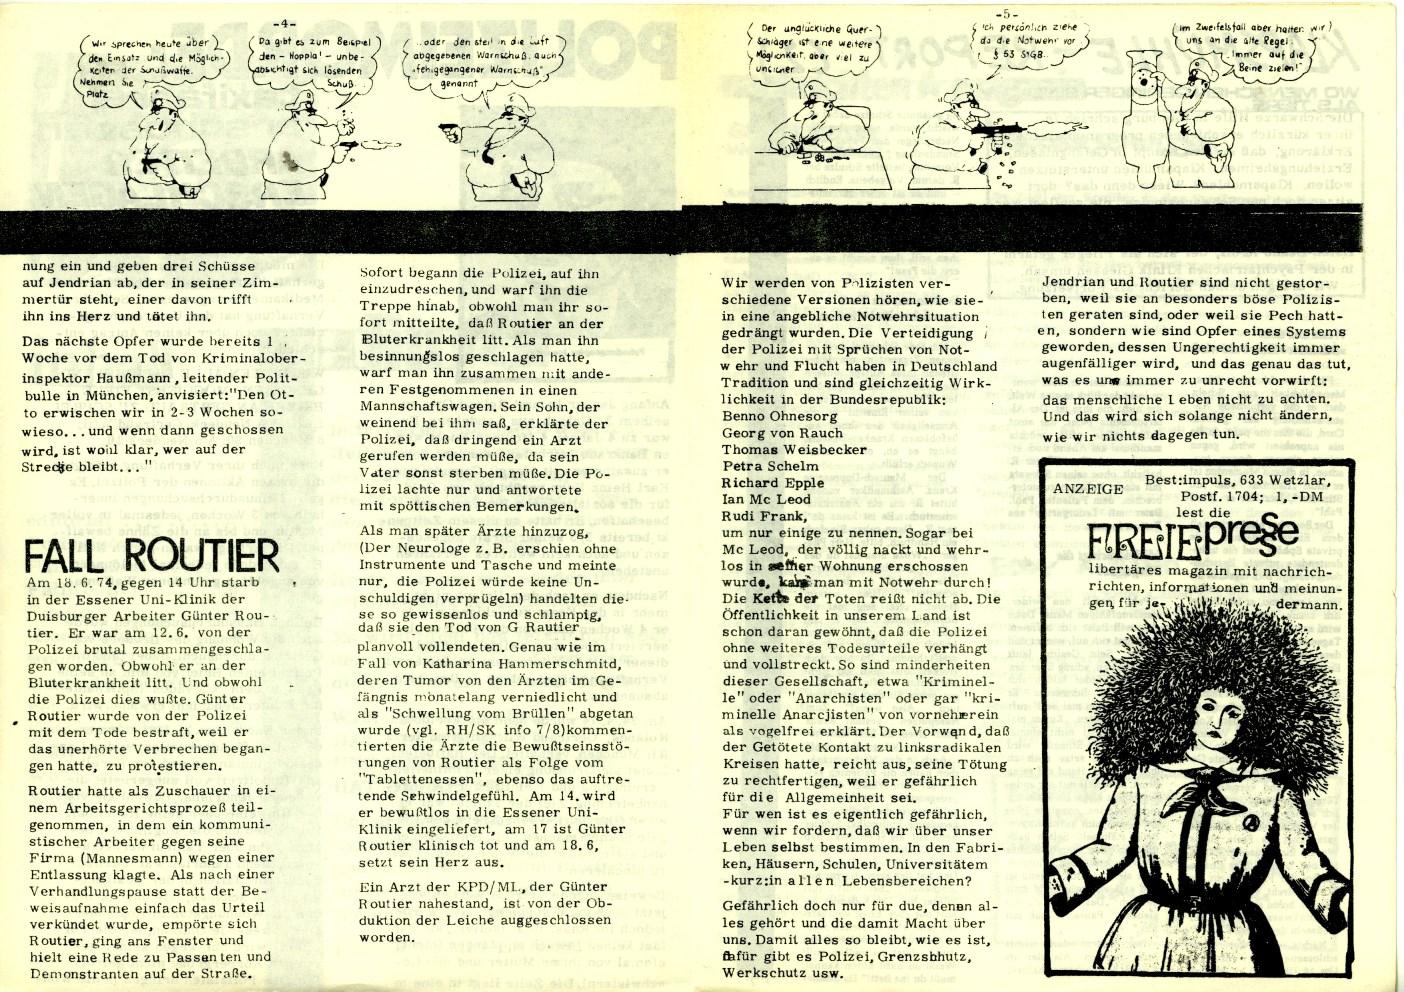 Wetzlar_RH_SK_Nachrichten_1974_09_03